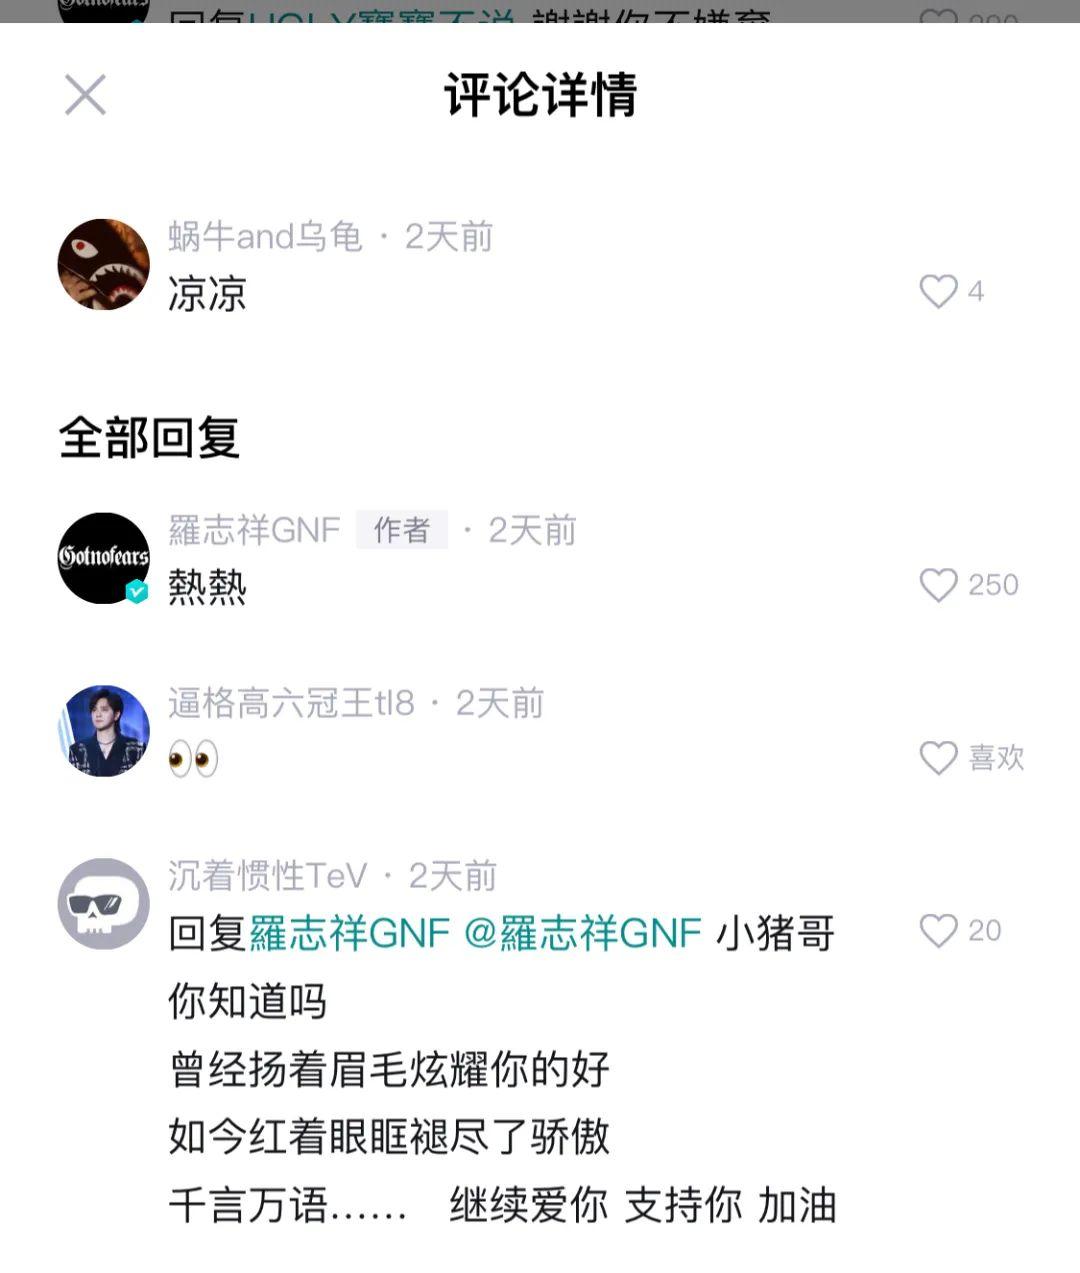 罗志祥晒球鞋:上脚TS x 耐克新联名,深夜频繁回复网友评论~